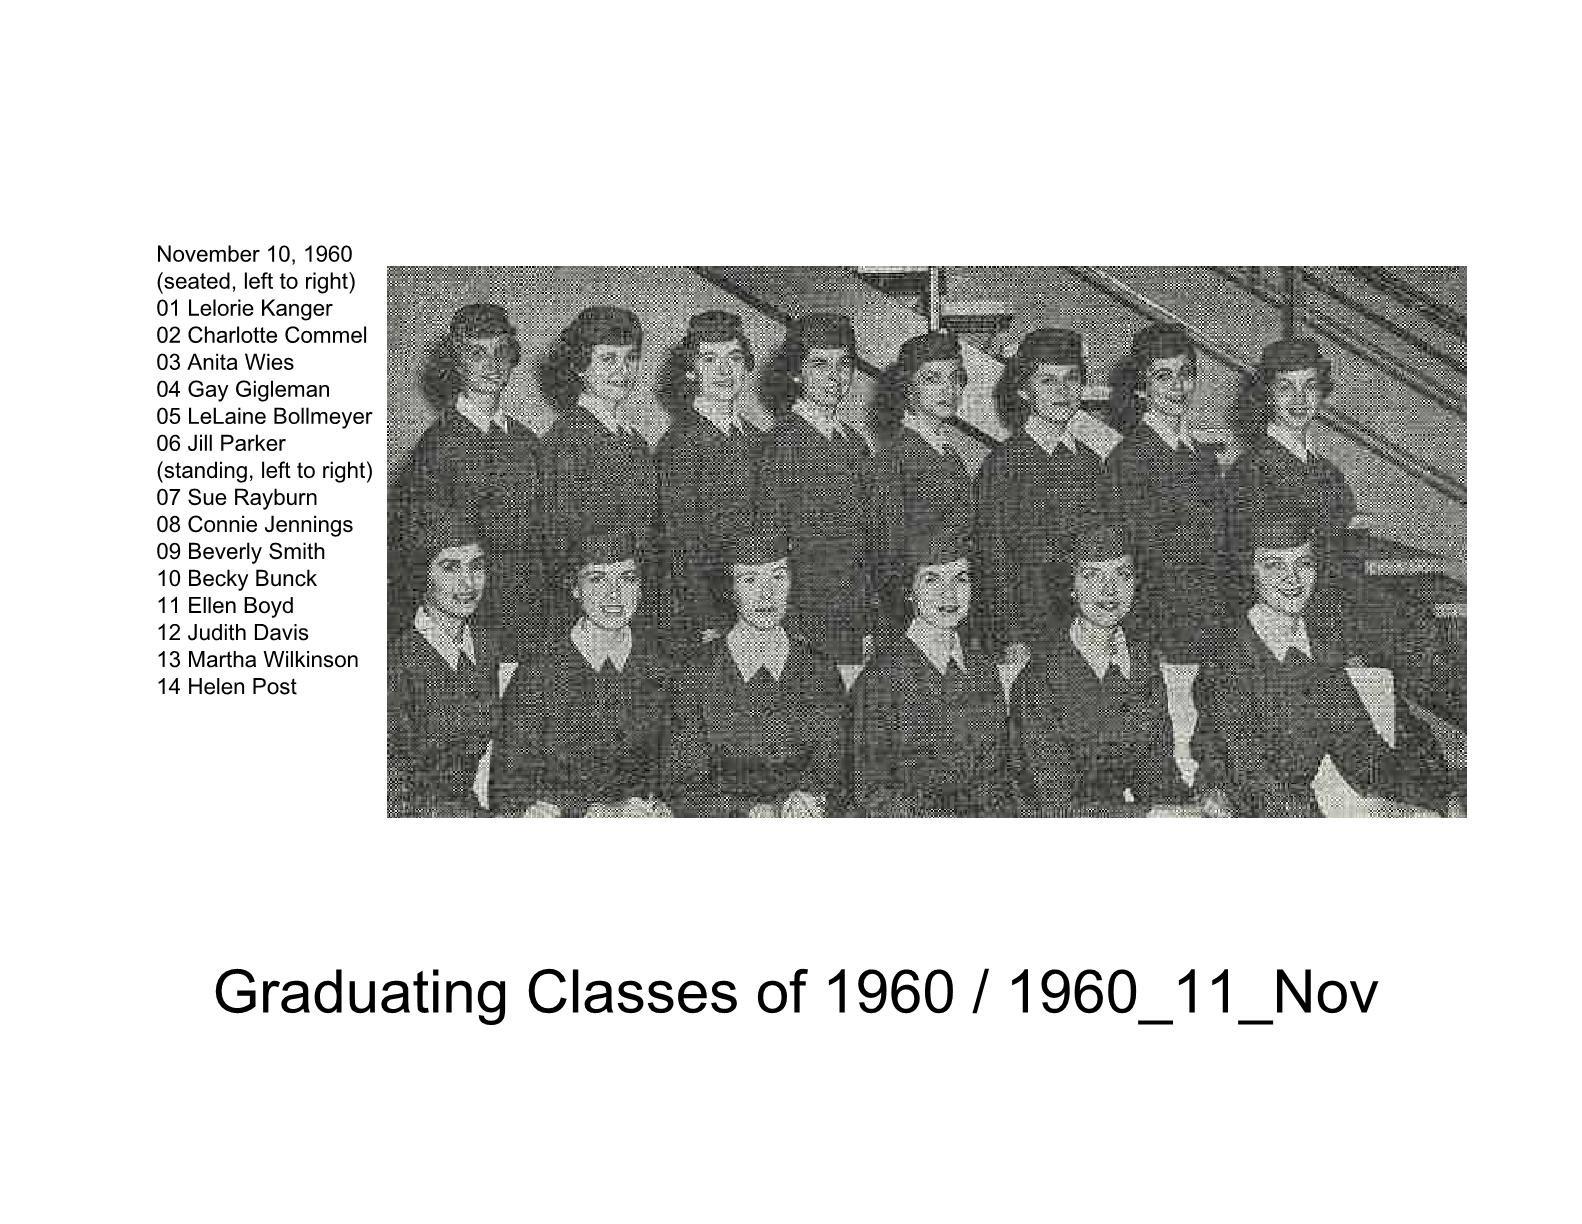 1960s classes